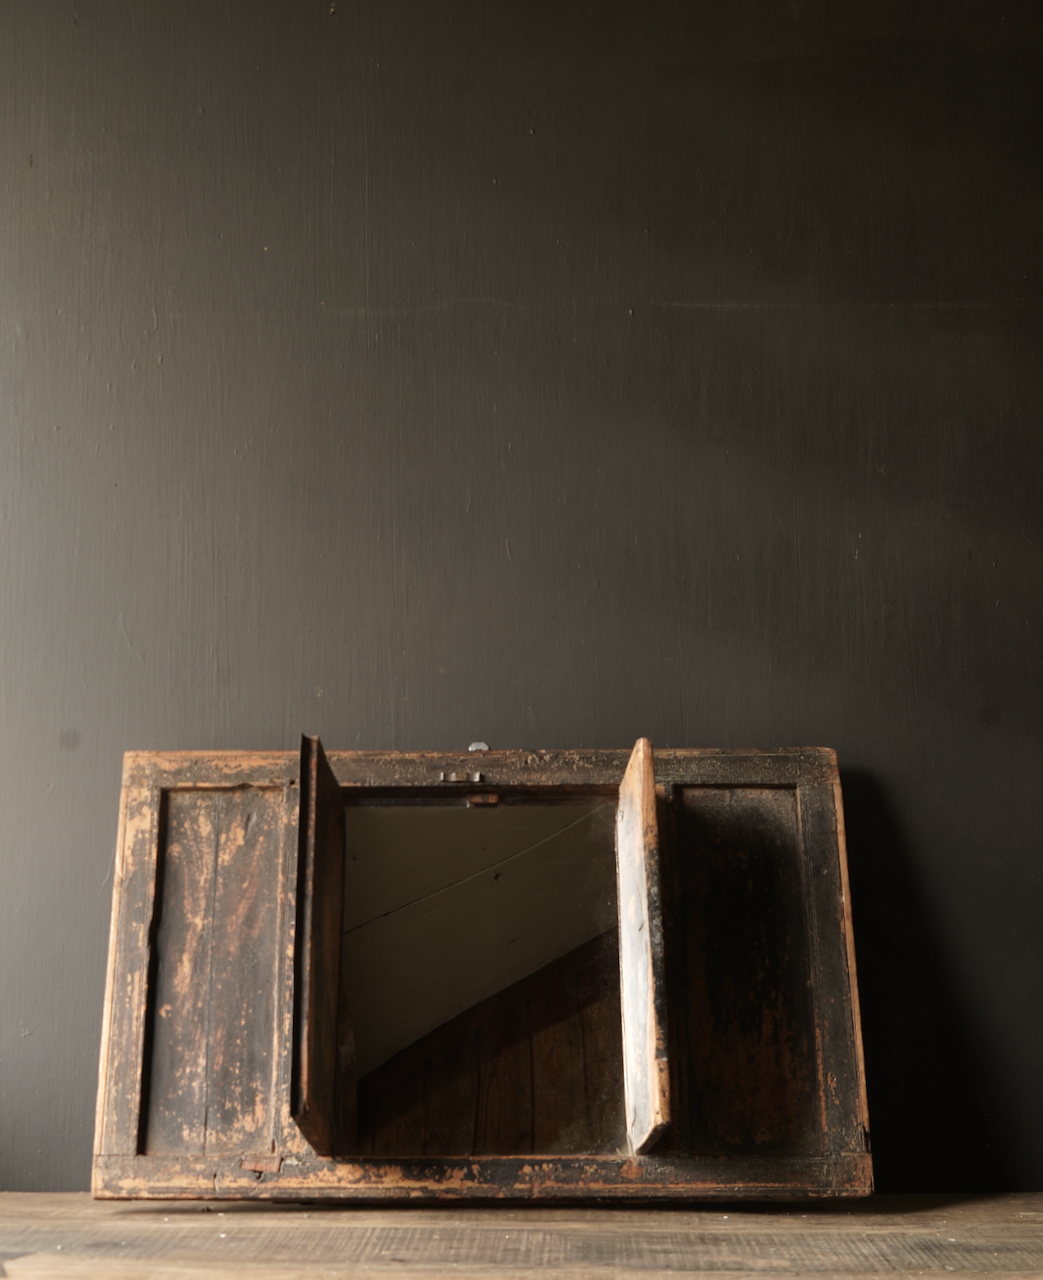 Alter Holzspiegel aus nepalesischem Rahmen-2